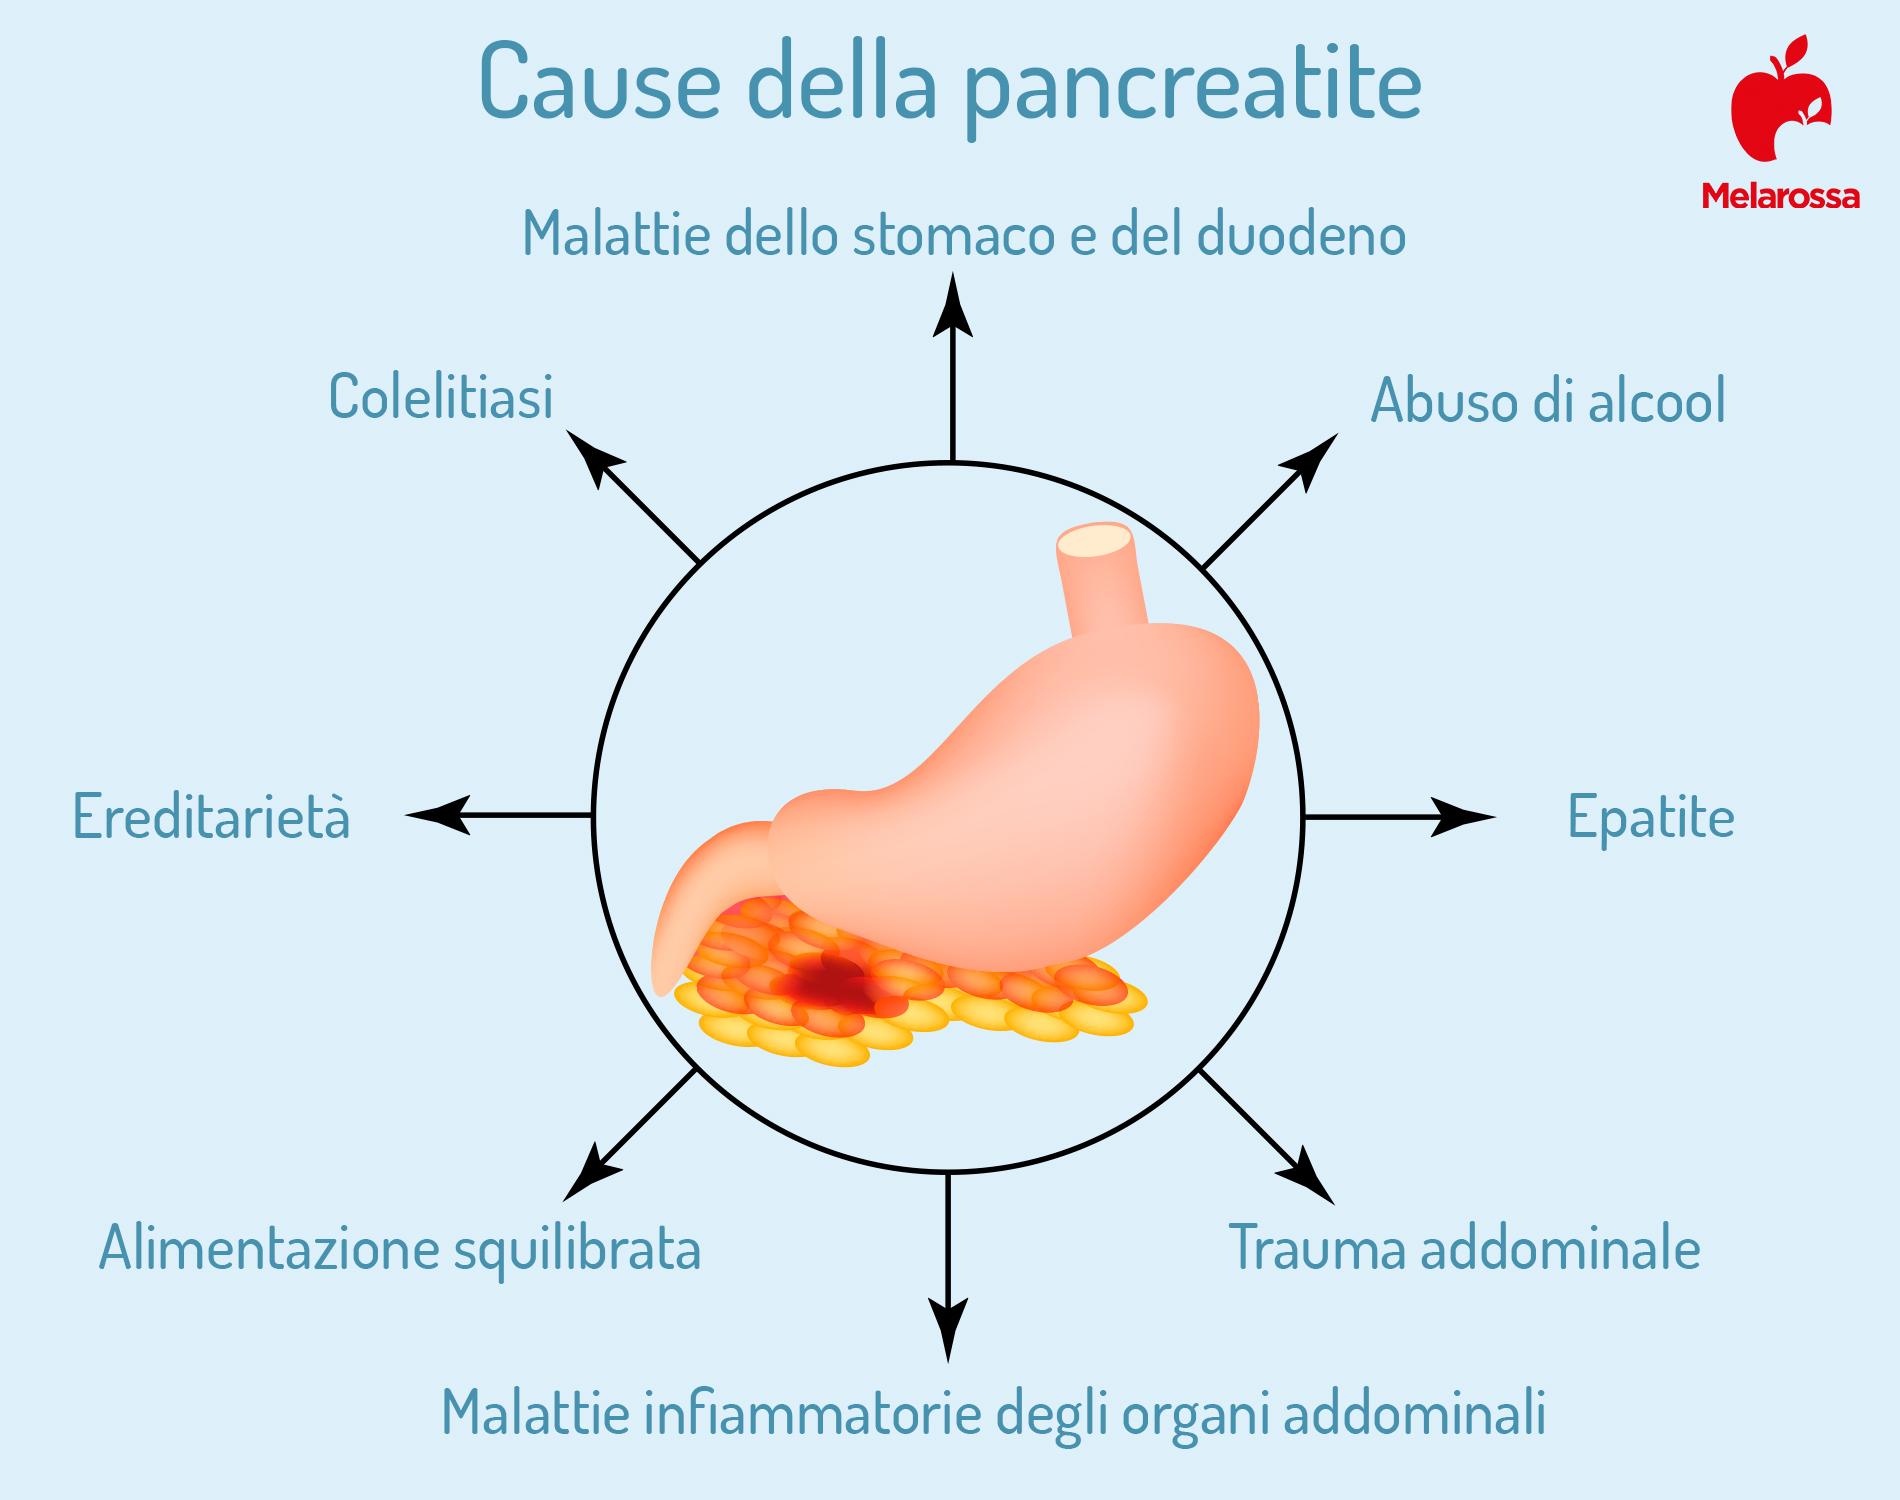 pancreatite cause